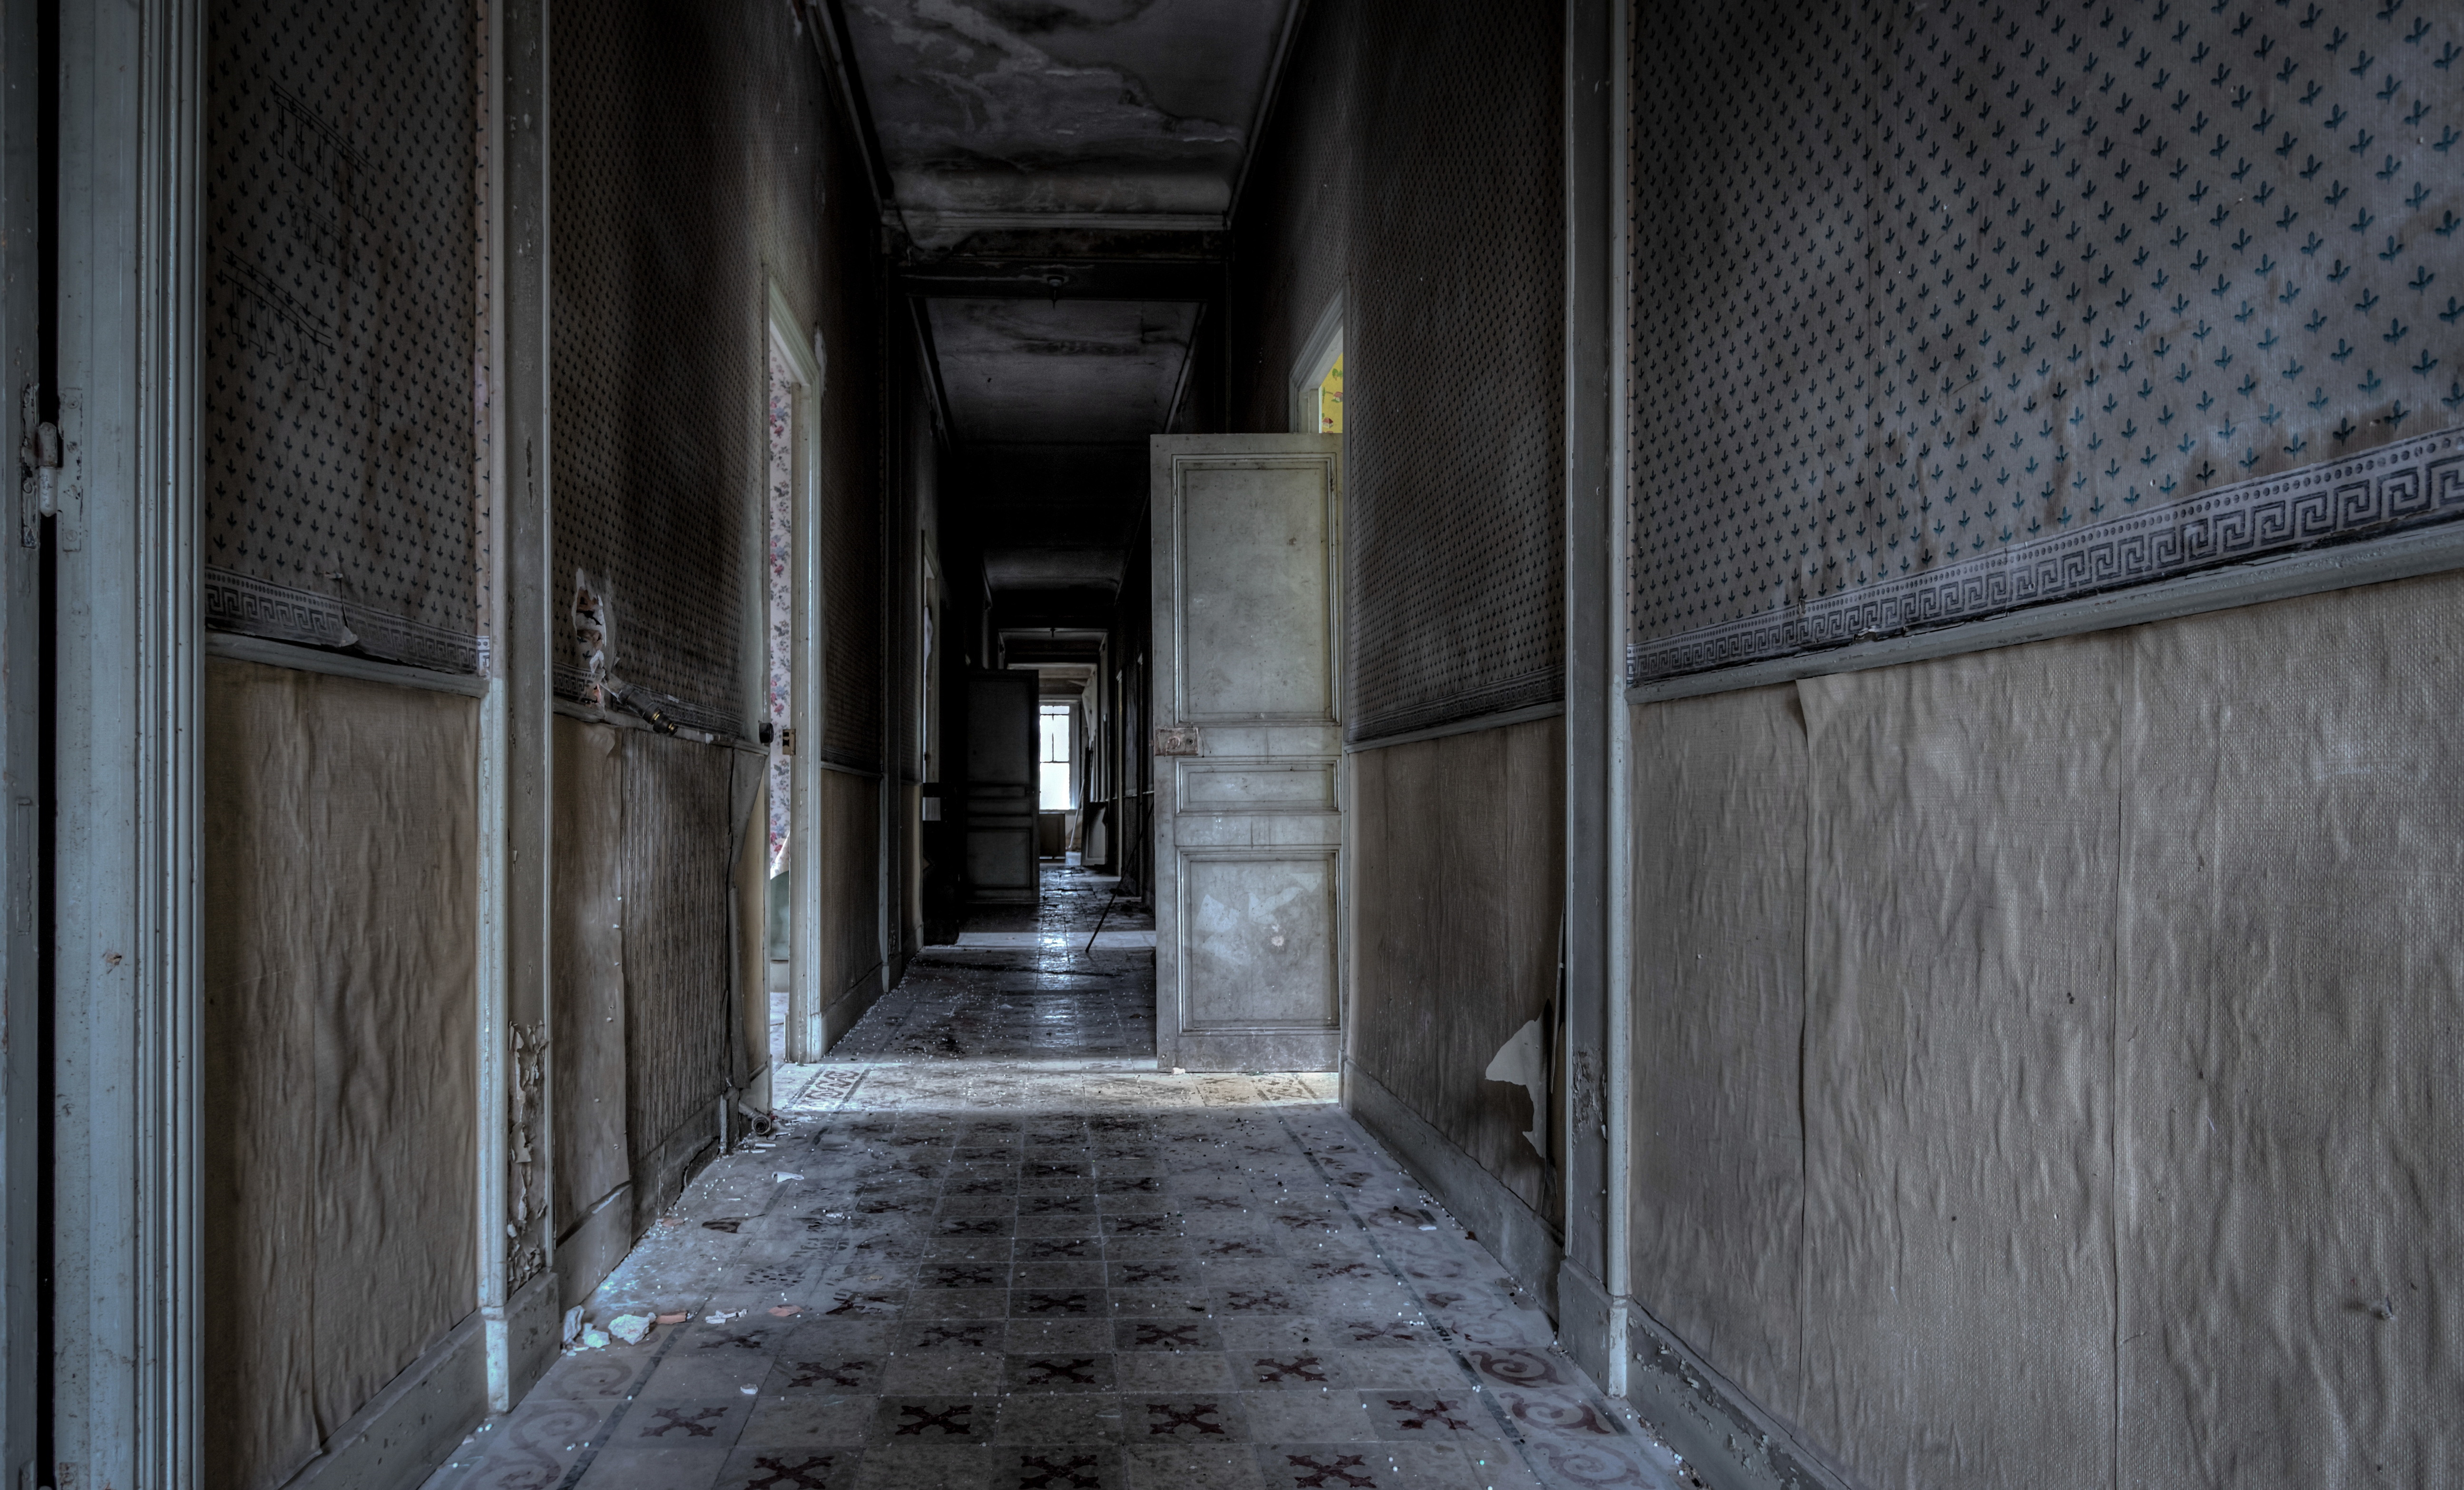 Двери — сон говорит о том, что в прошлом человек попадал в ситуацию полной зависимости от других.